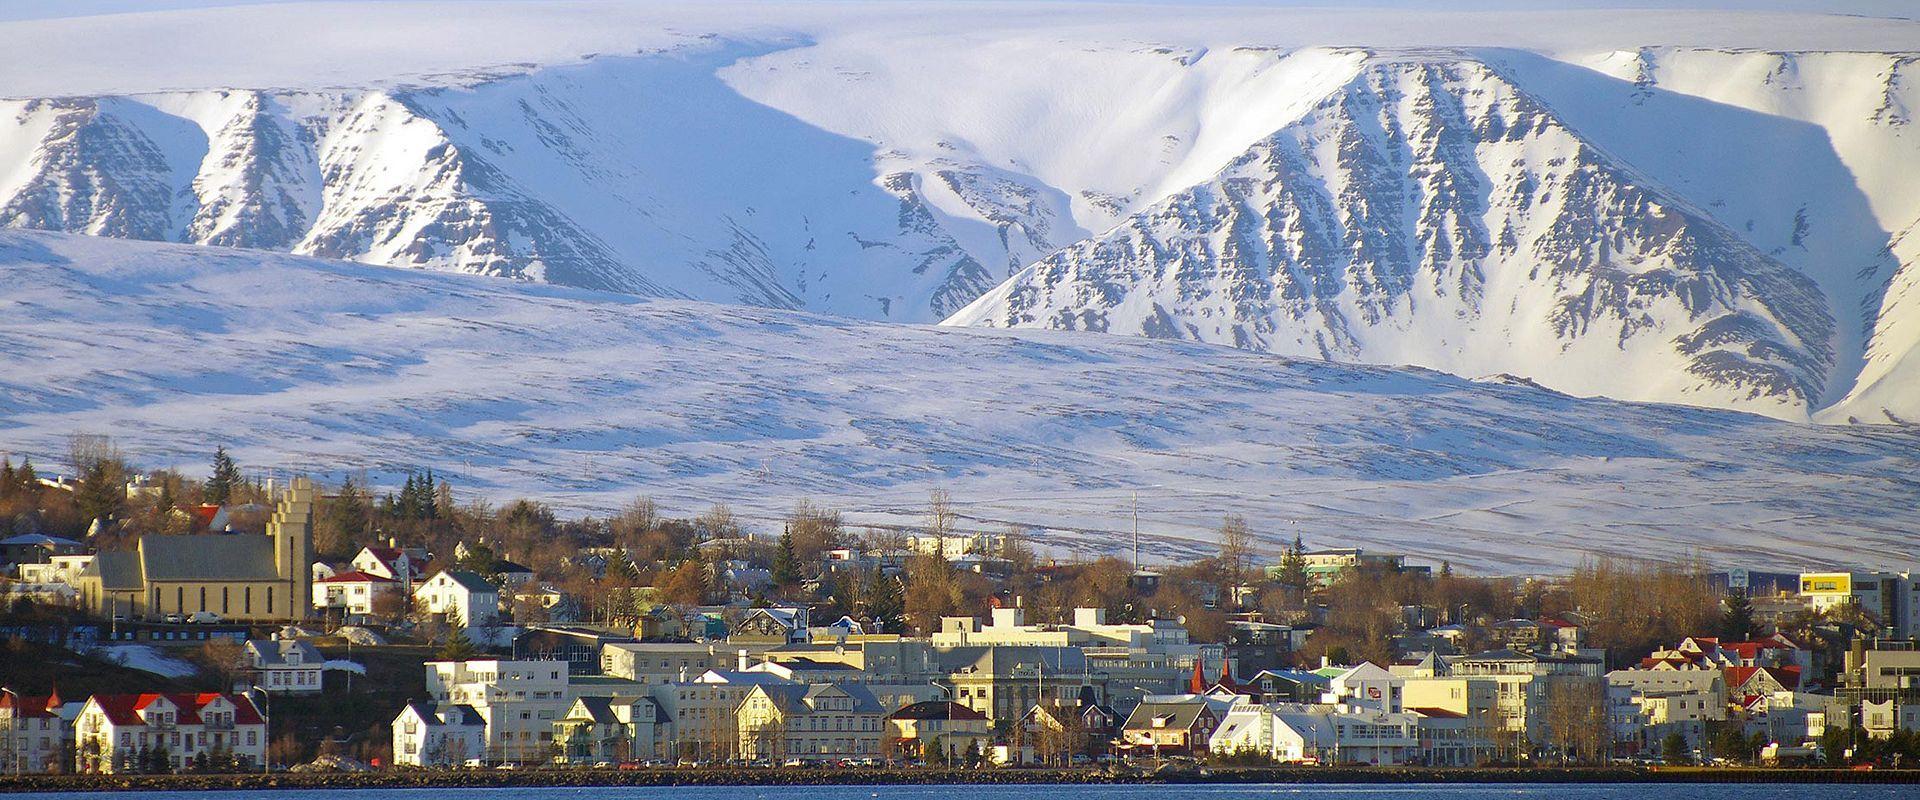 アイスランド・グリーンランド・大西洋横断クルーズ 14泊15日